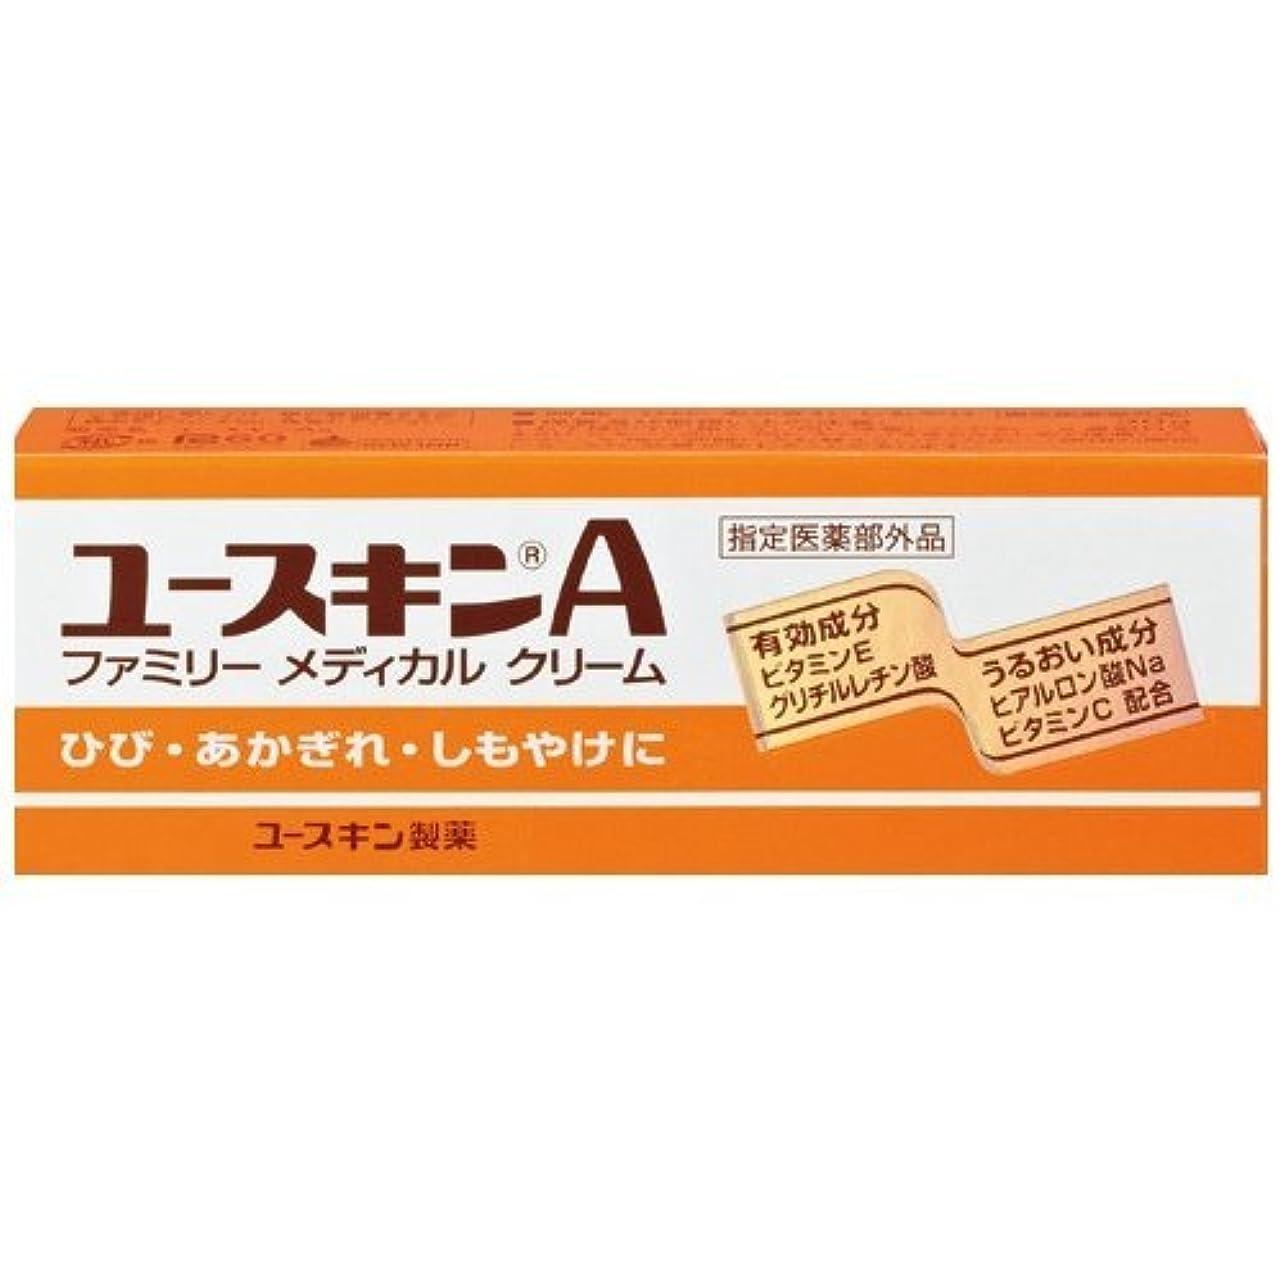 活性化十年摂氏ユースキンA 30g (手荒れ かかと荒れ 保湿クリーム)【指定医薬部外品】